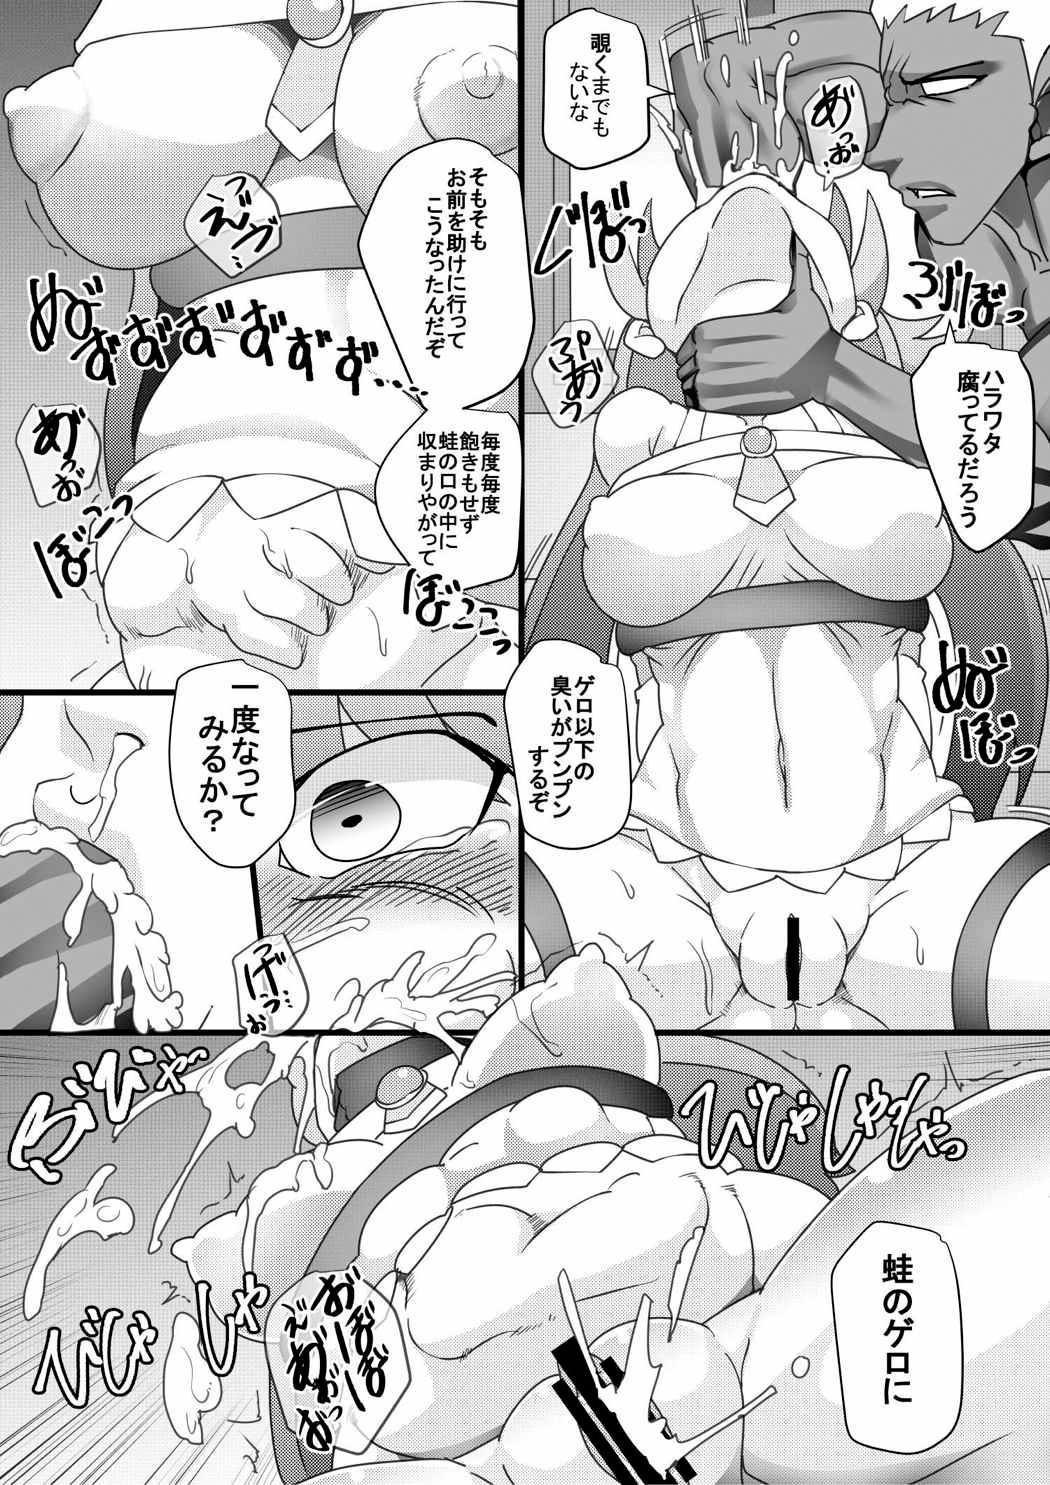 Kono Nikutasarashii Masudomoni Oshioki o! 7